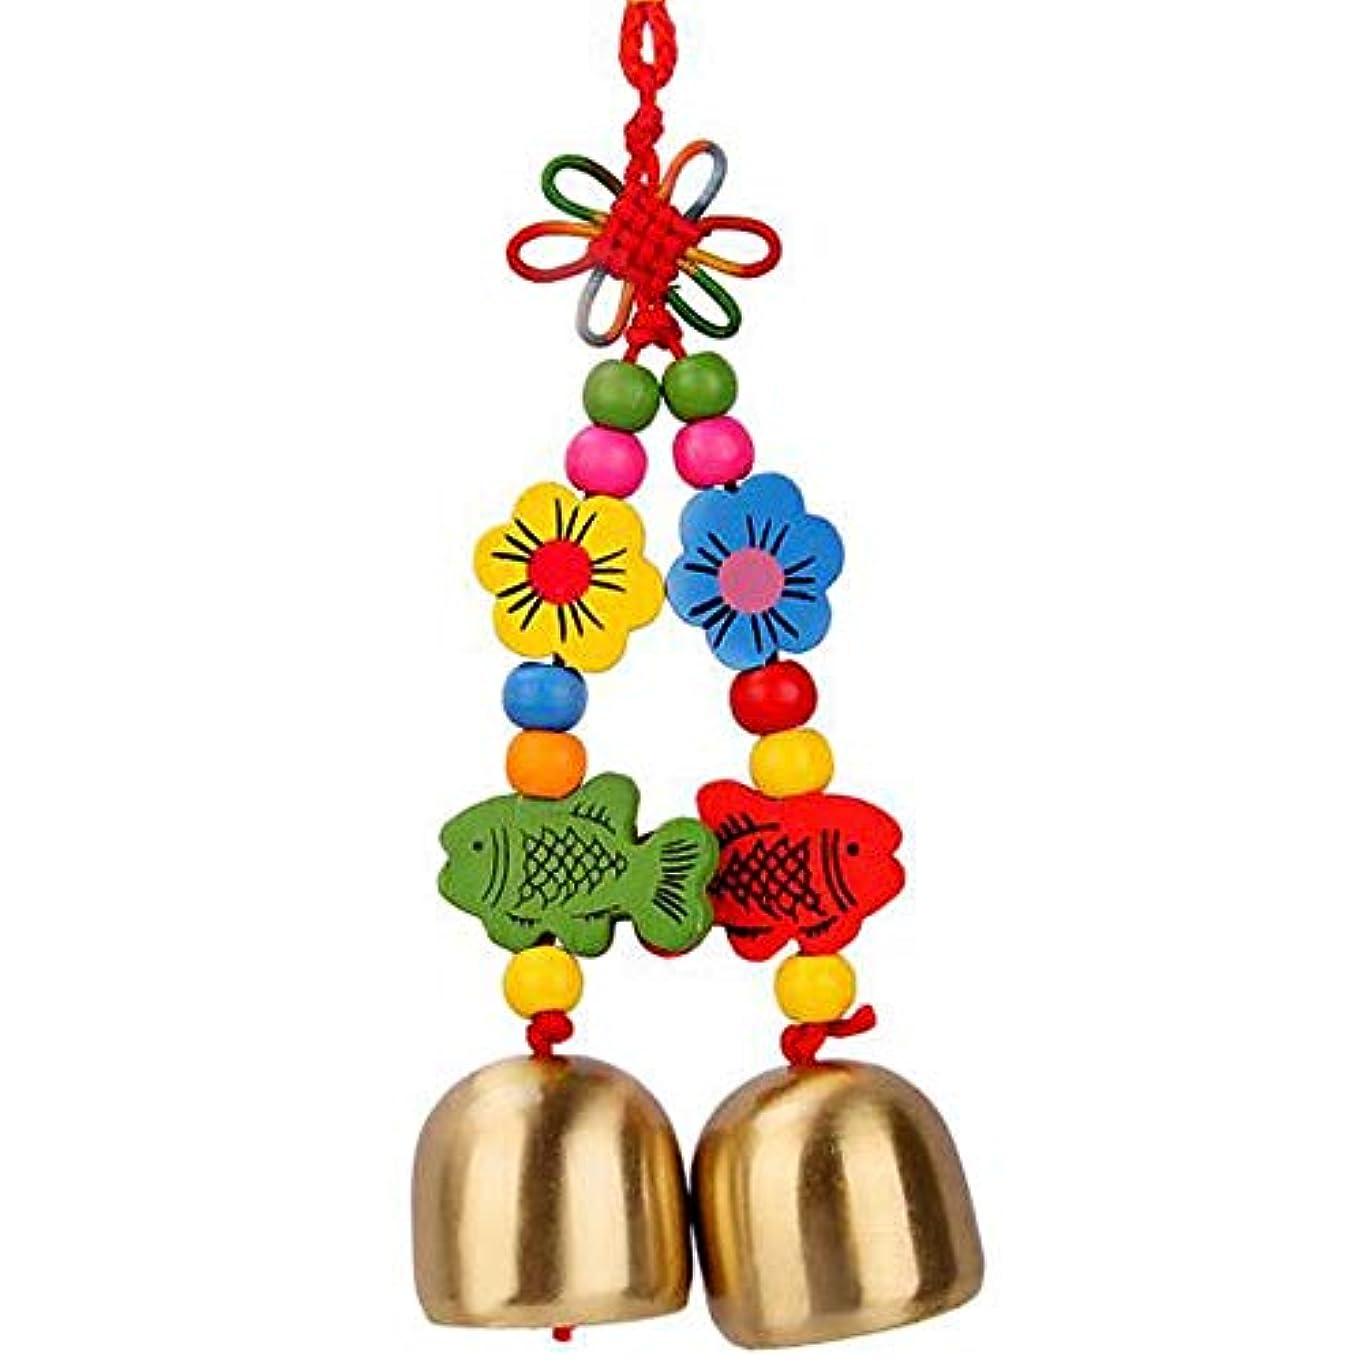 モールリスキーな時刻表Gaoxingbianlidian001 風チャイム、中国のノット銅鐘ホーム車の装飾、ゴールド、全長約22CM,楽しいホリデーギフト (Color : B)